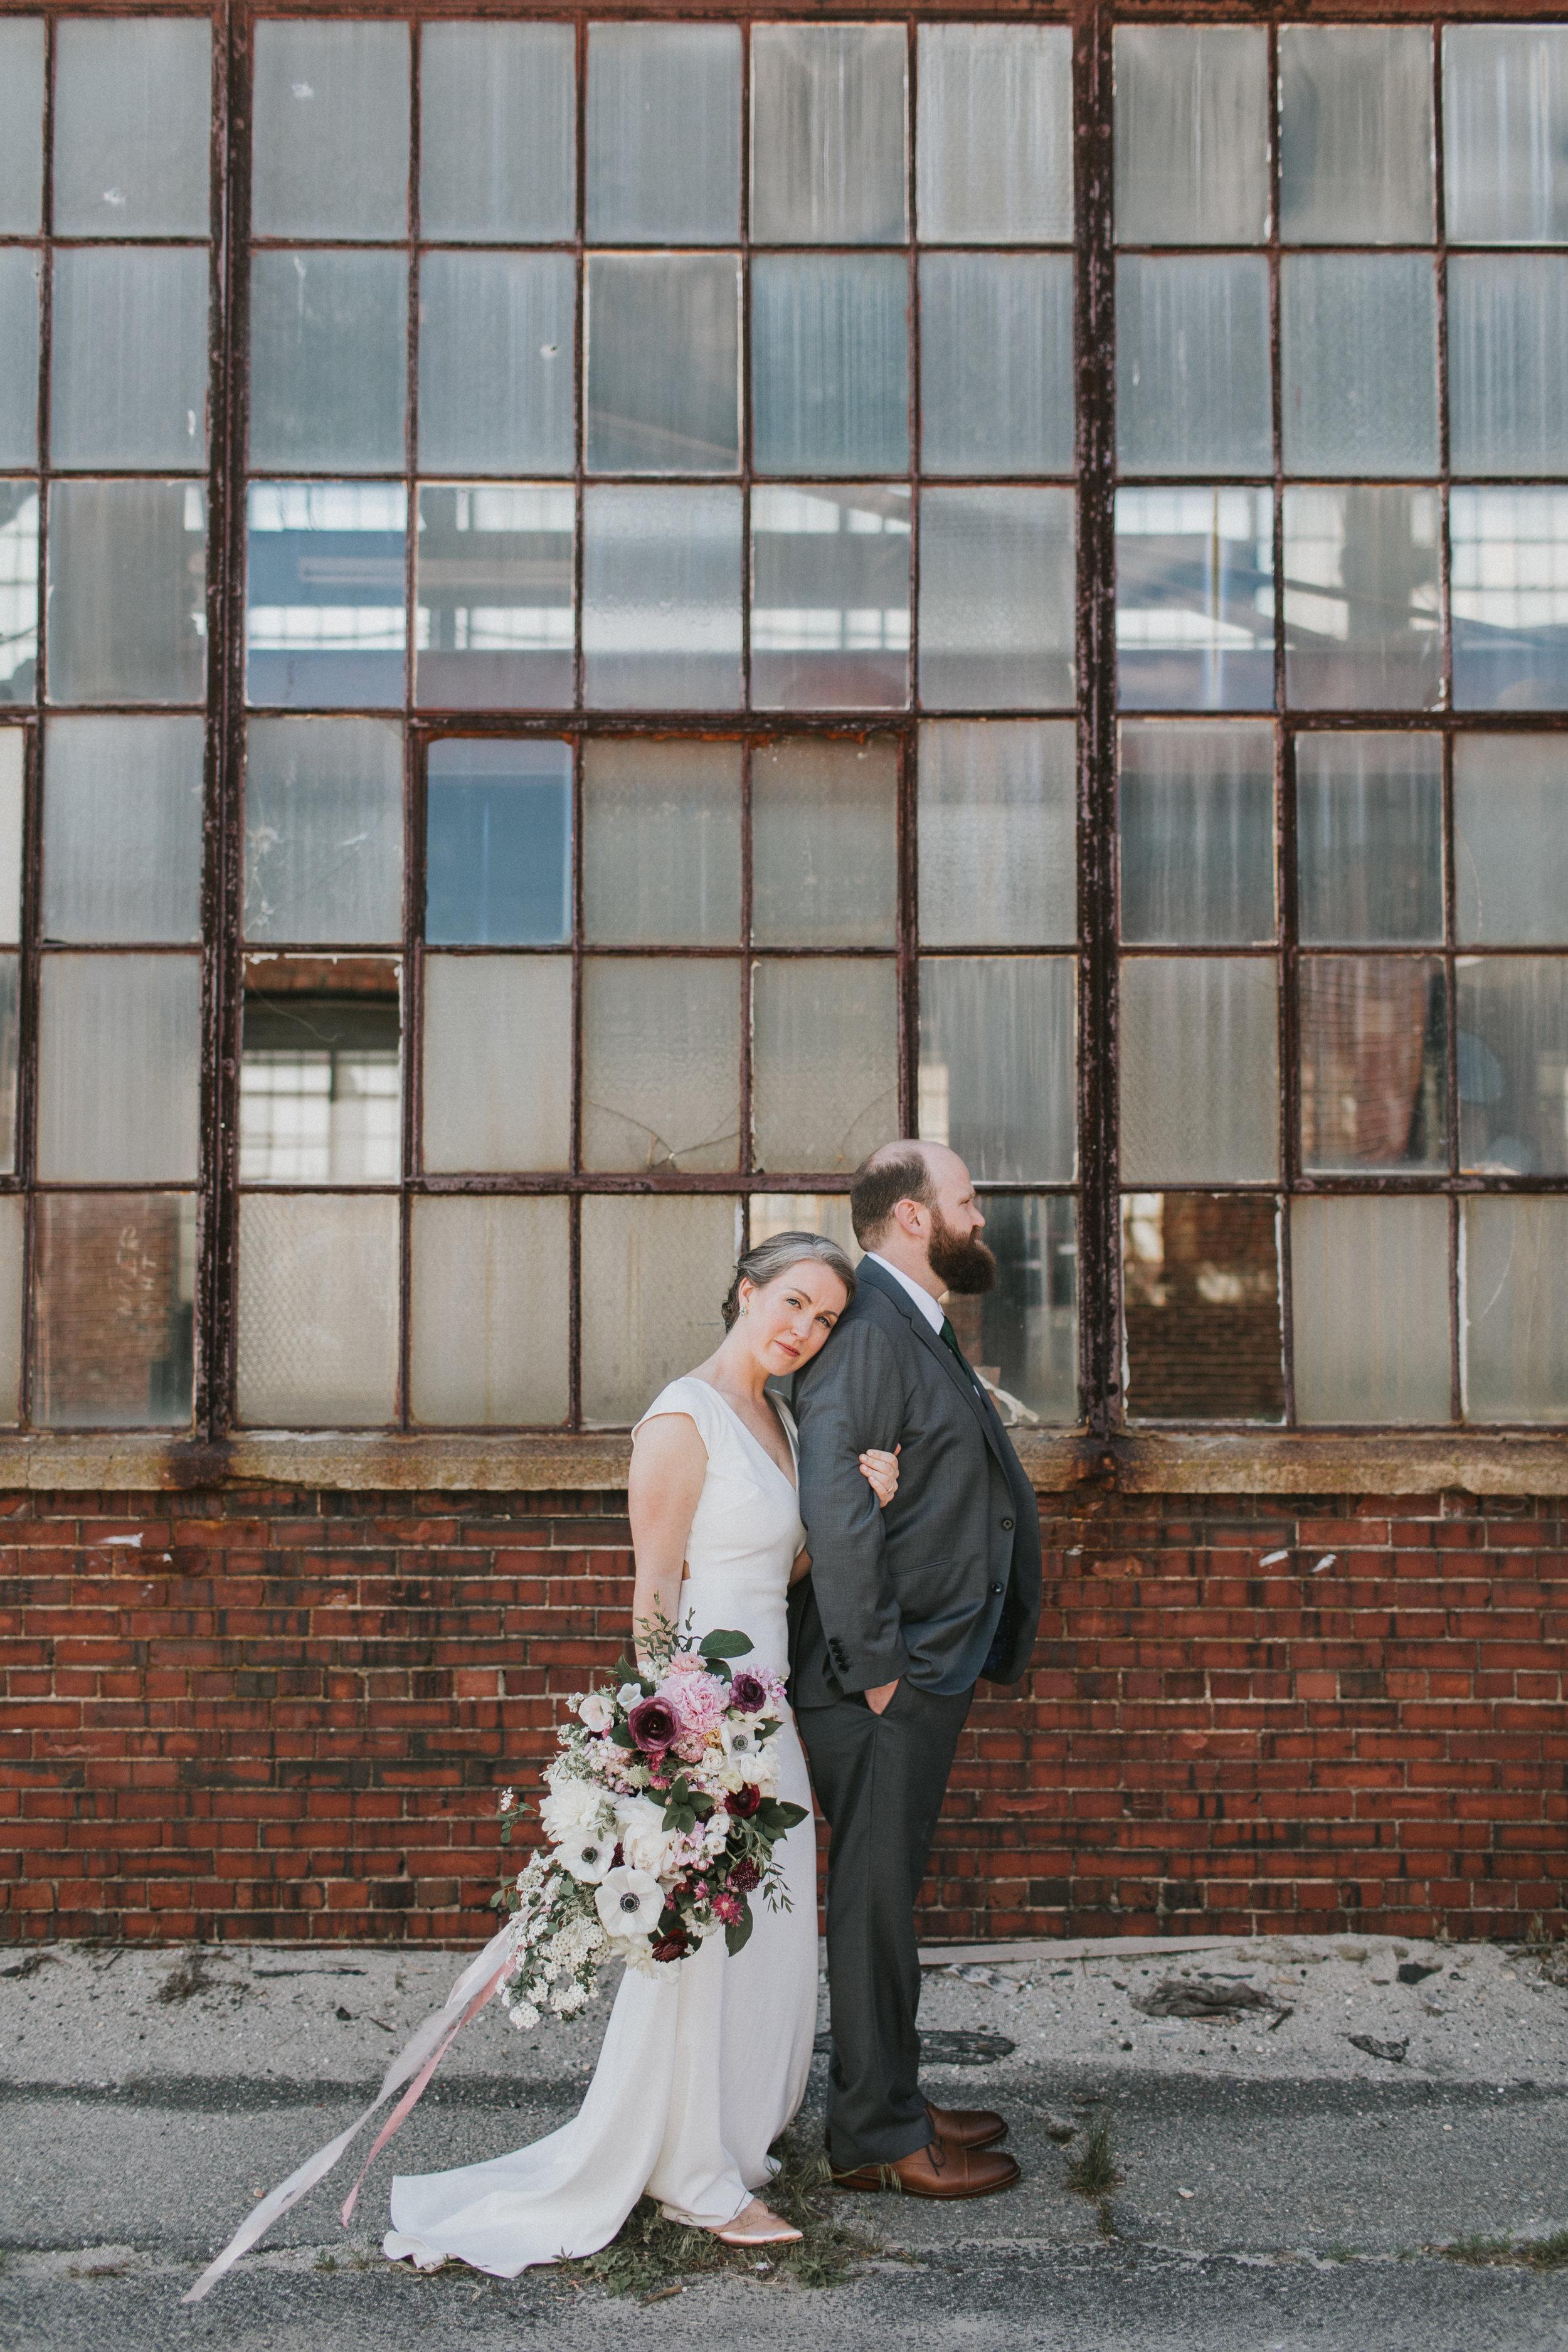 Watershed_Floral_Maine_Wedding_Florist_114.jpg